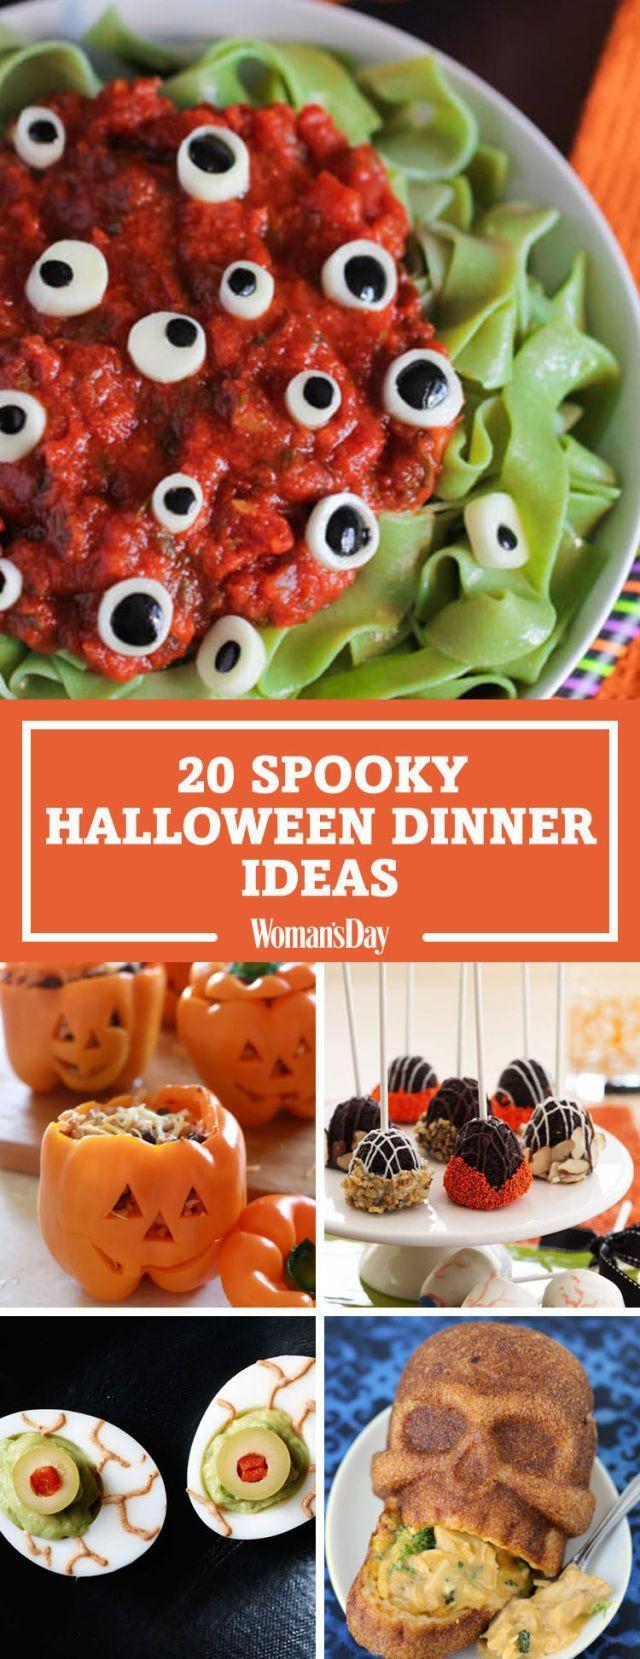 Easy Halloween Dinners  25 Spooky Halloween Dinner Ideas